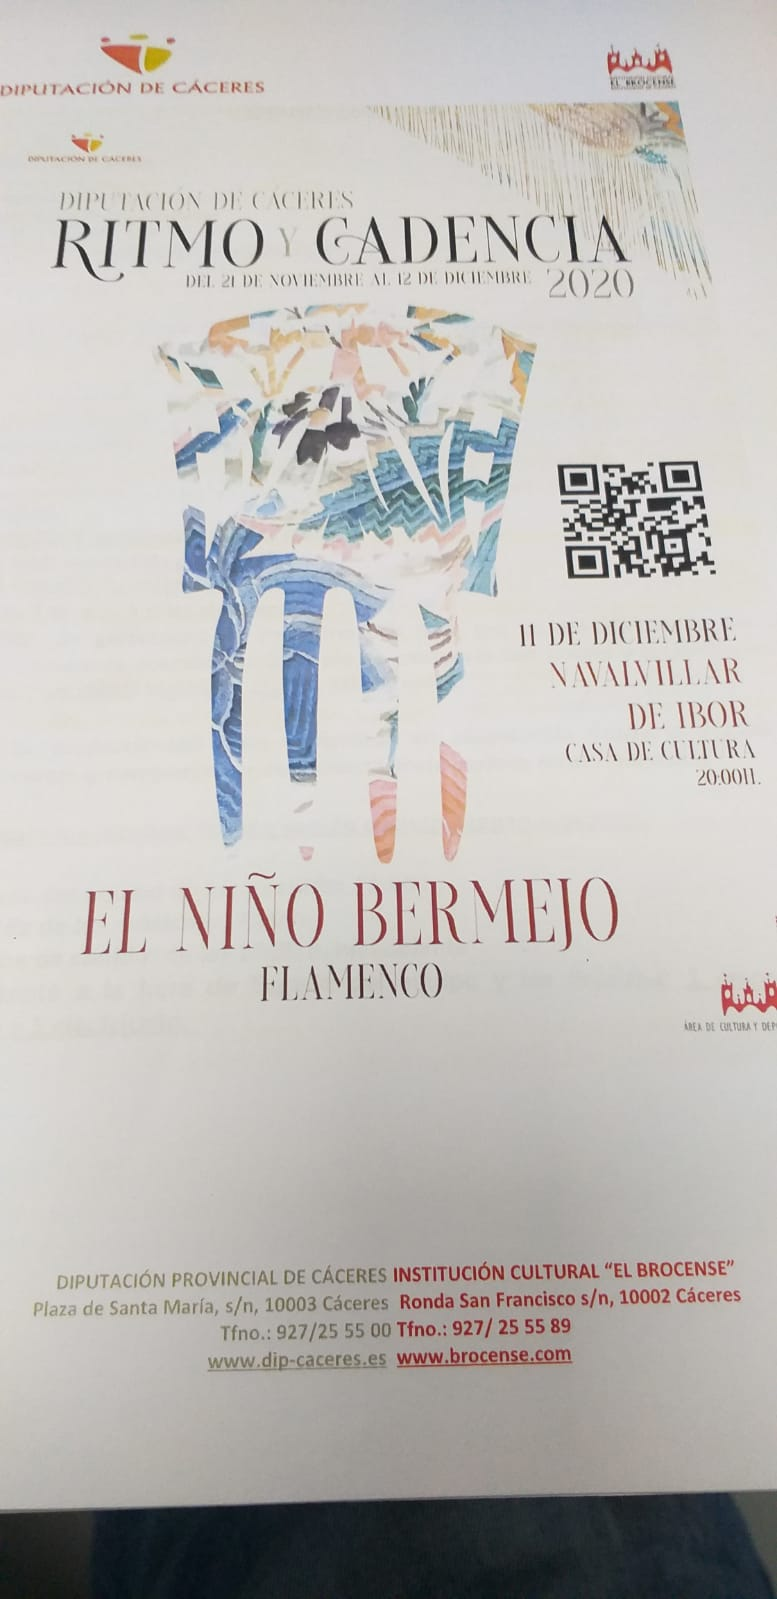 El Niño Bermejo (2020) - Navalvillar de Ibor (Cáceres)